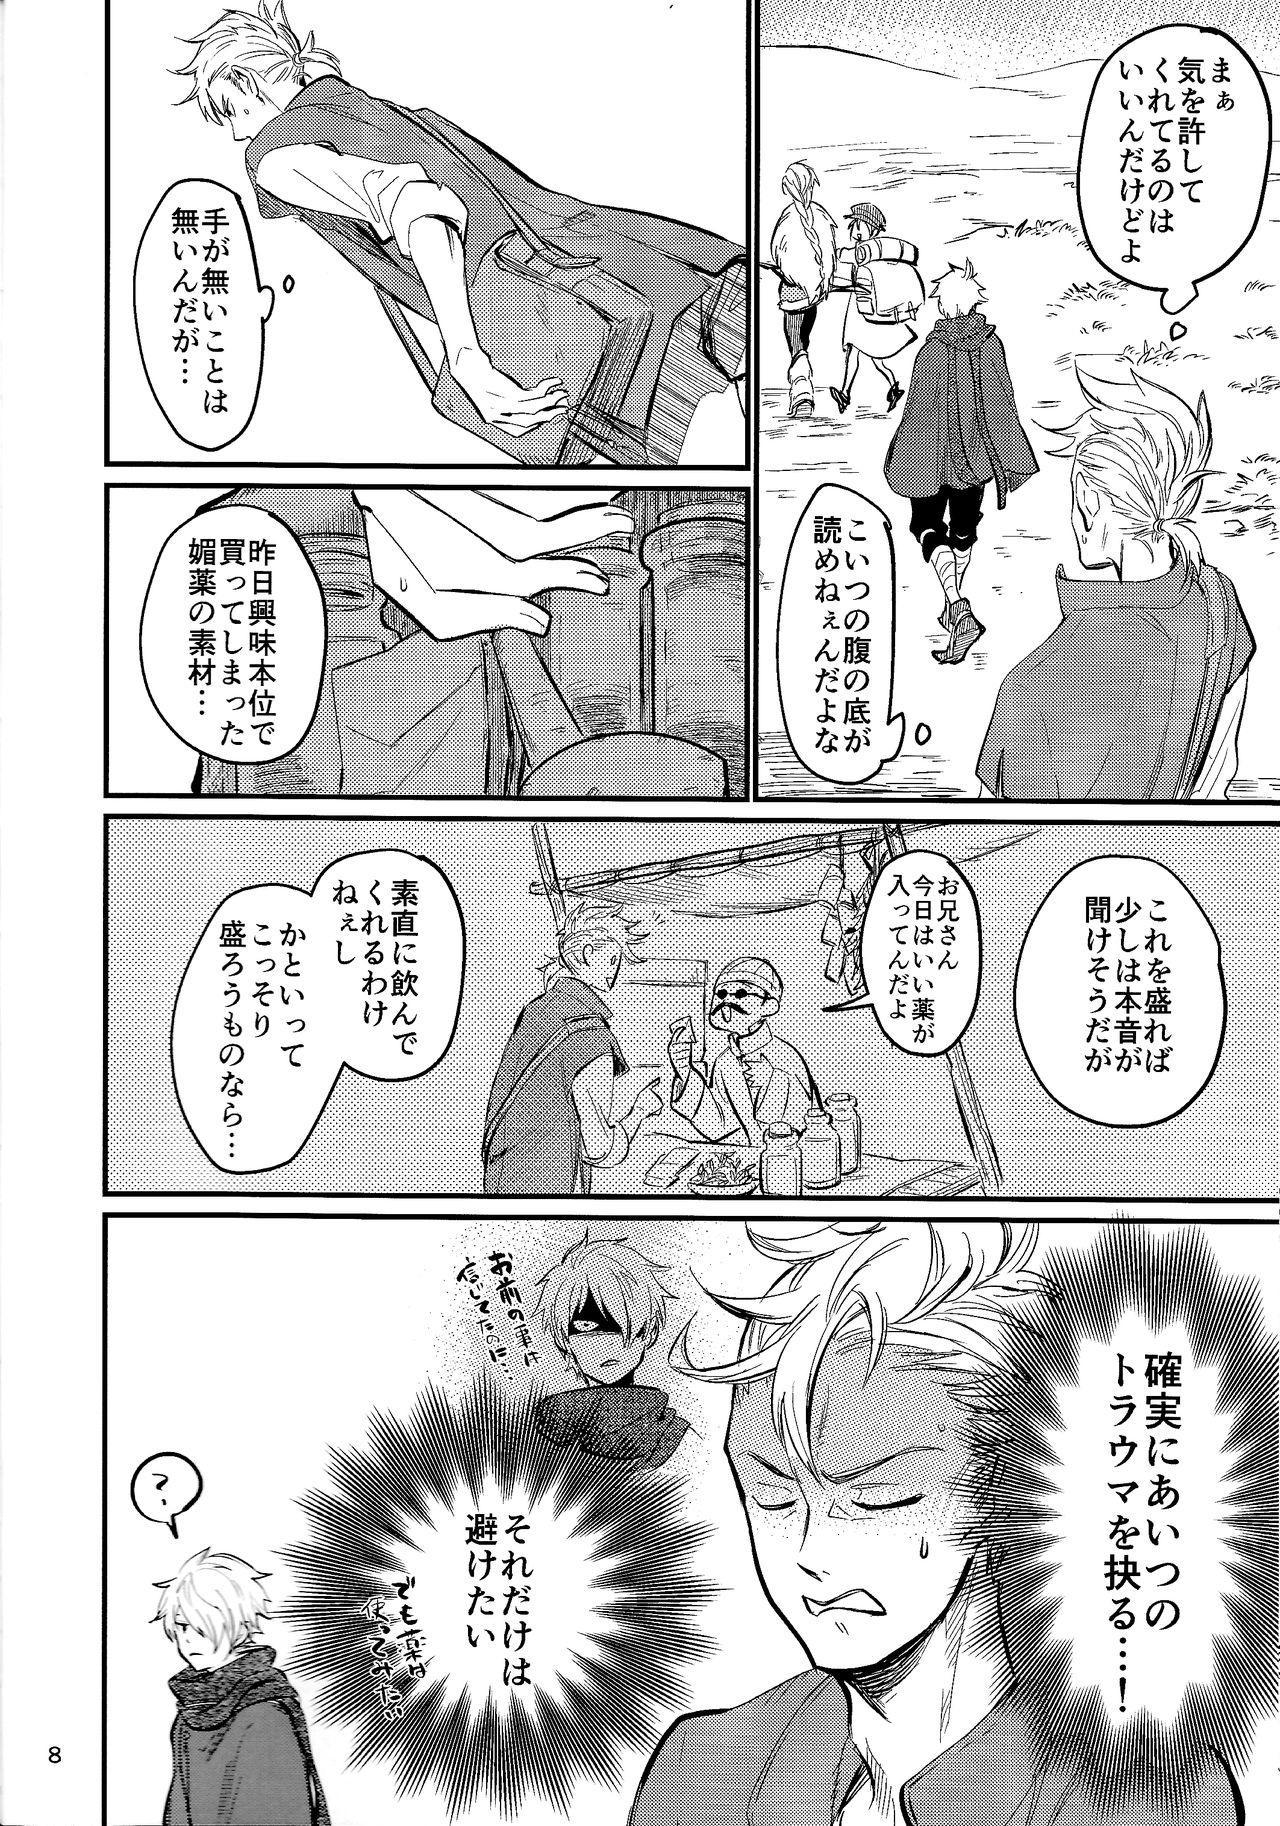 Shoujiki-sha wa ai o miru 5